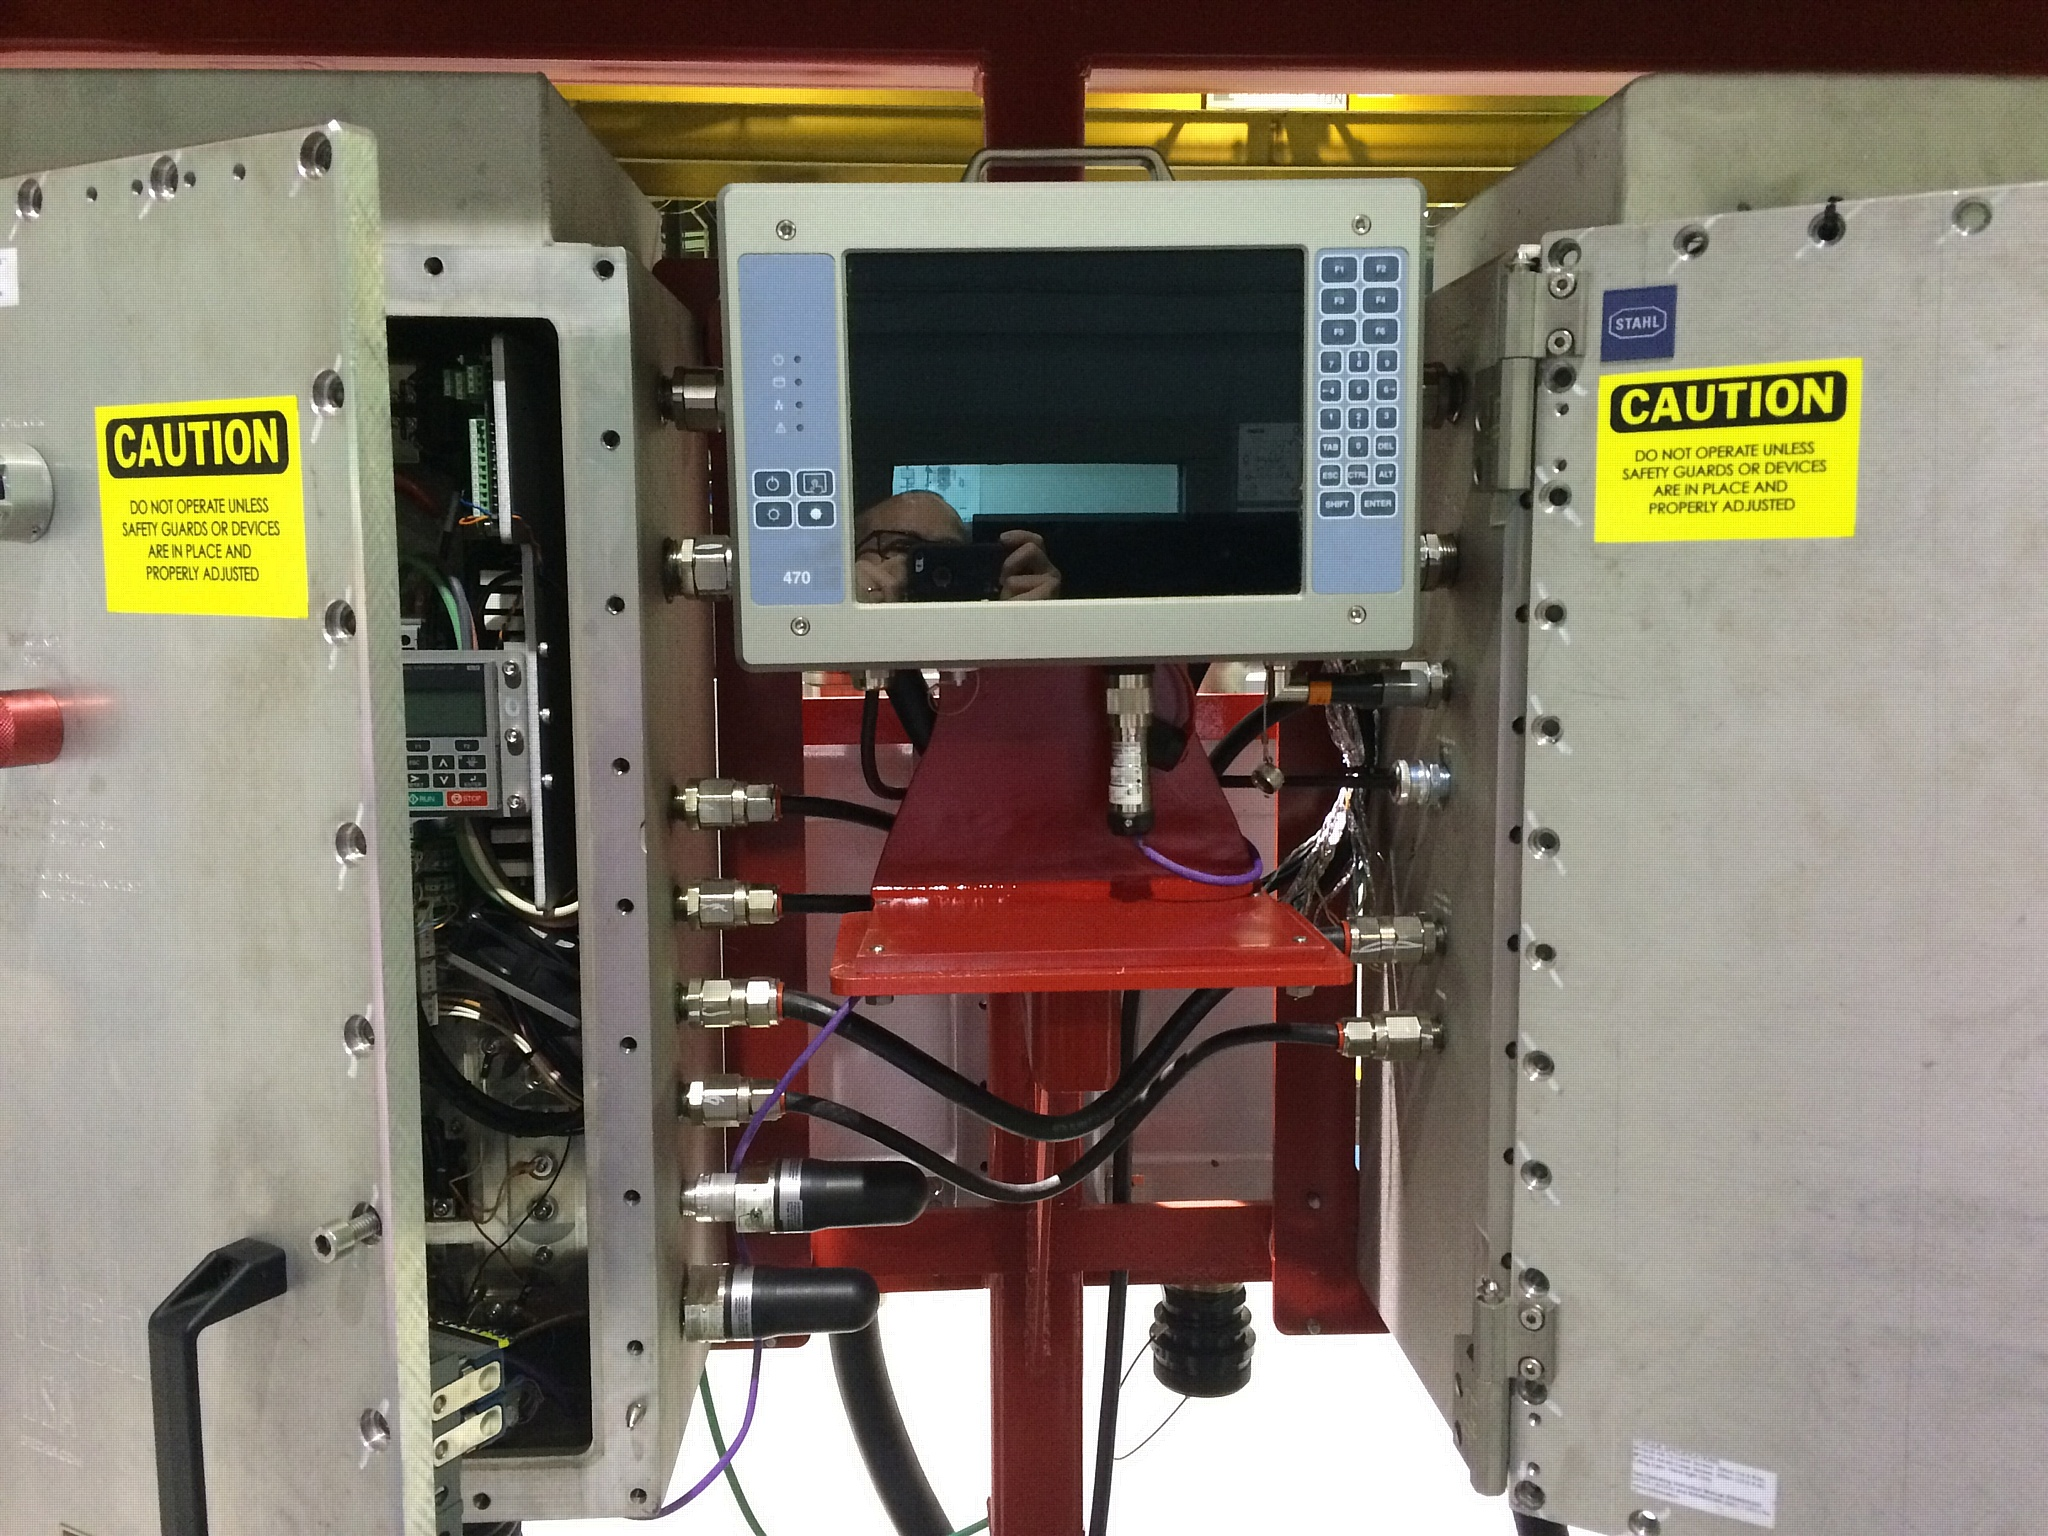 HMi Elements 470-Z1-взрывозащищенный компьютер нового поколения